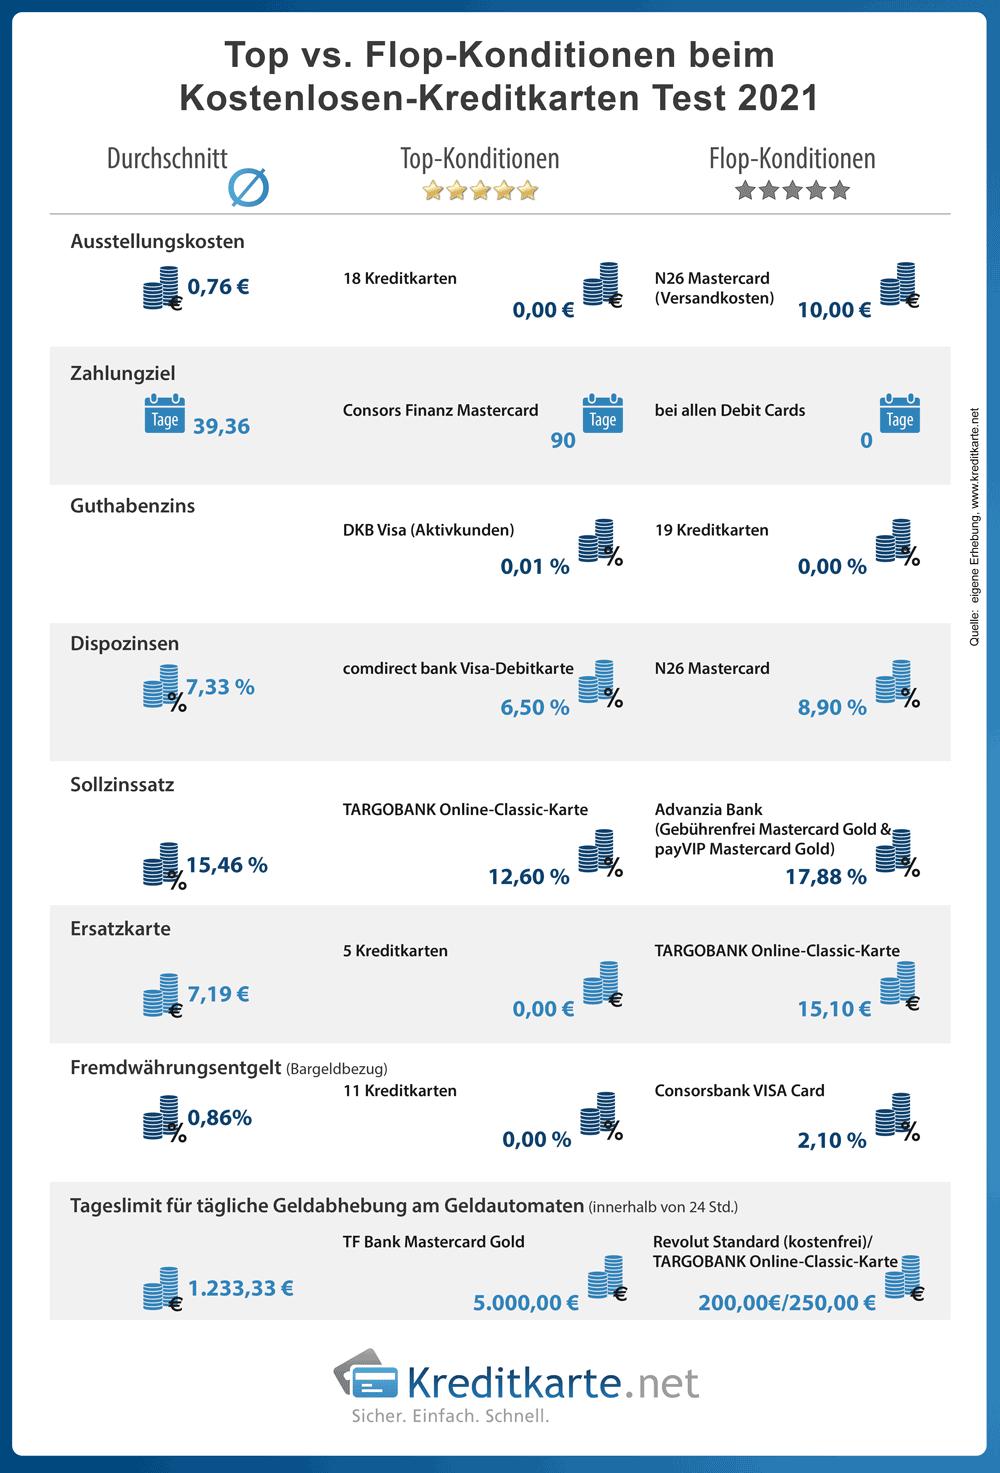 infografik-kostenloser-kreditkarten-test-top-flop-konditionen